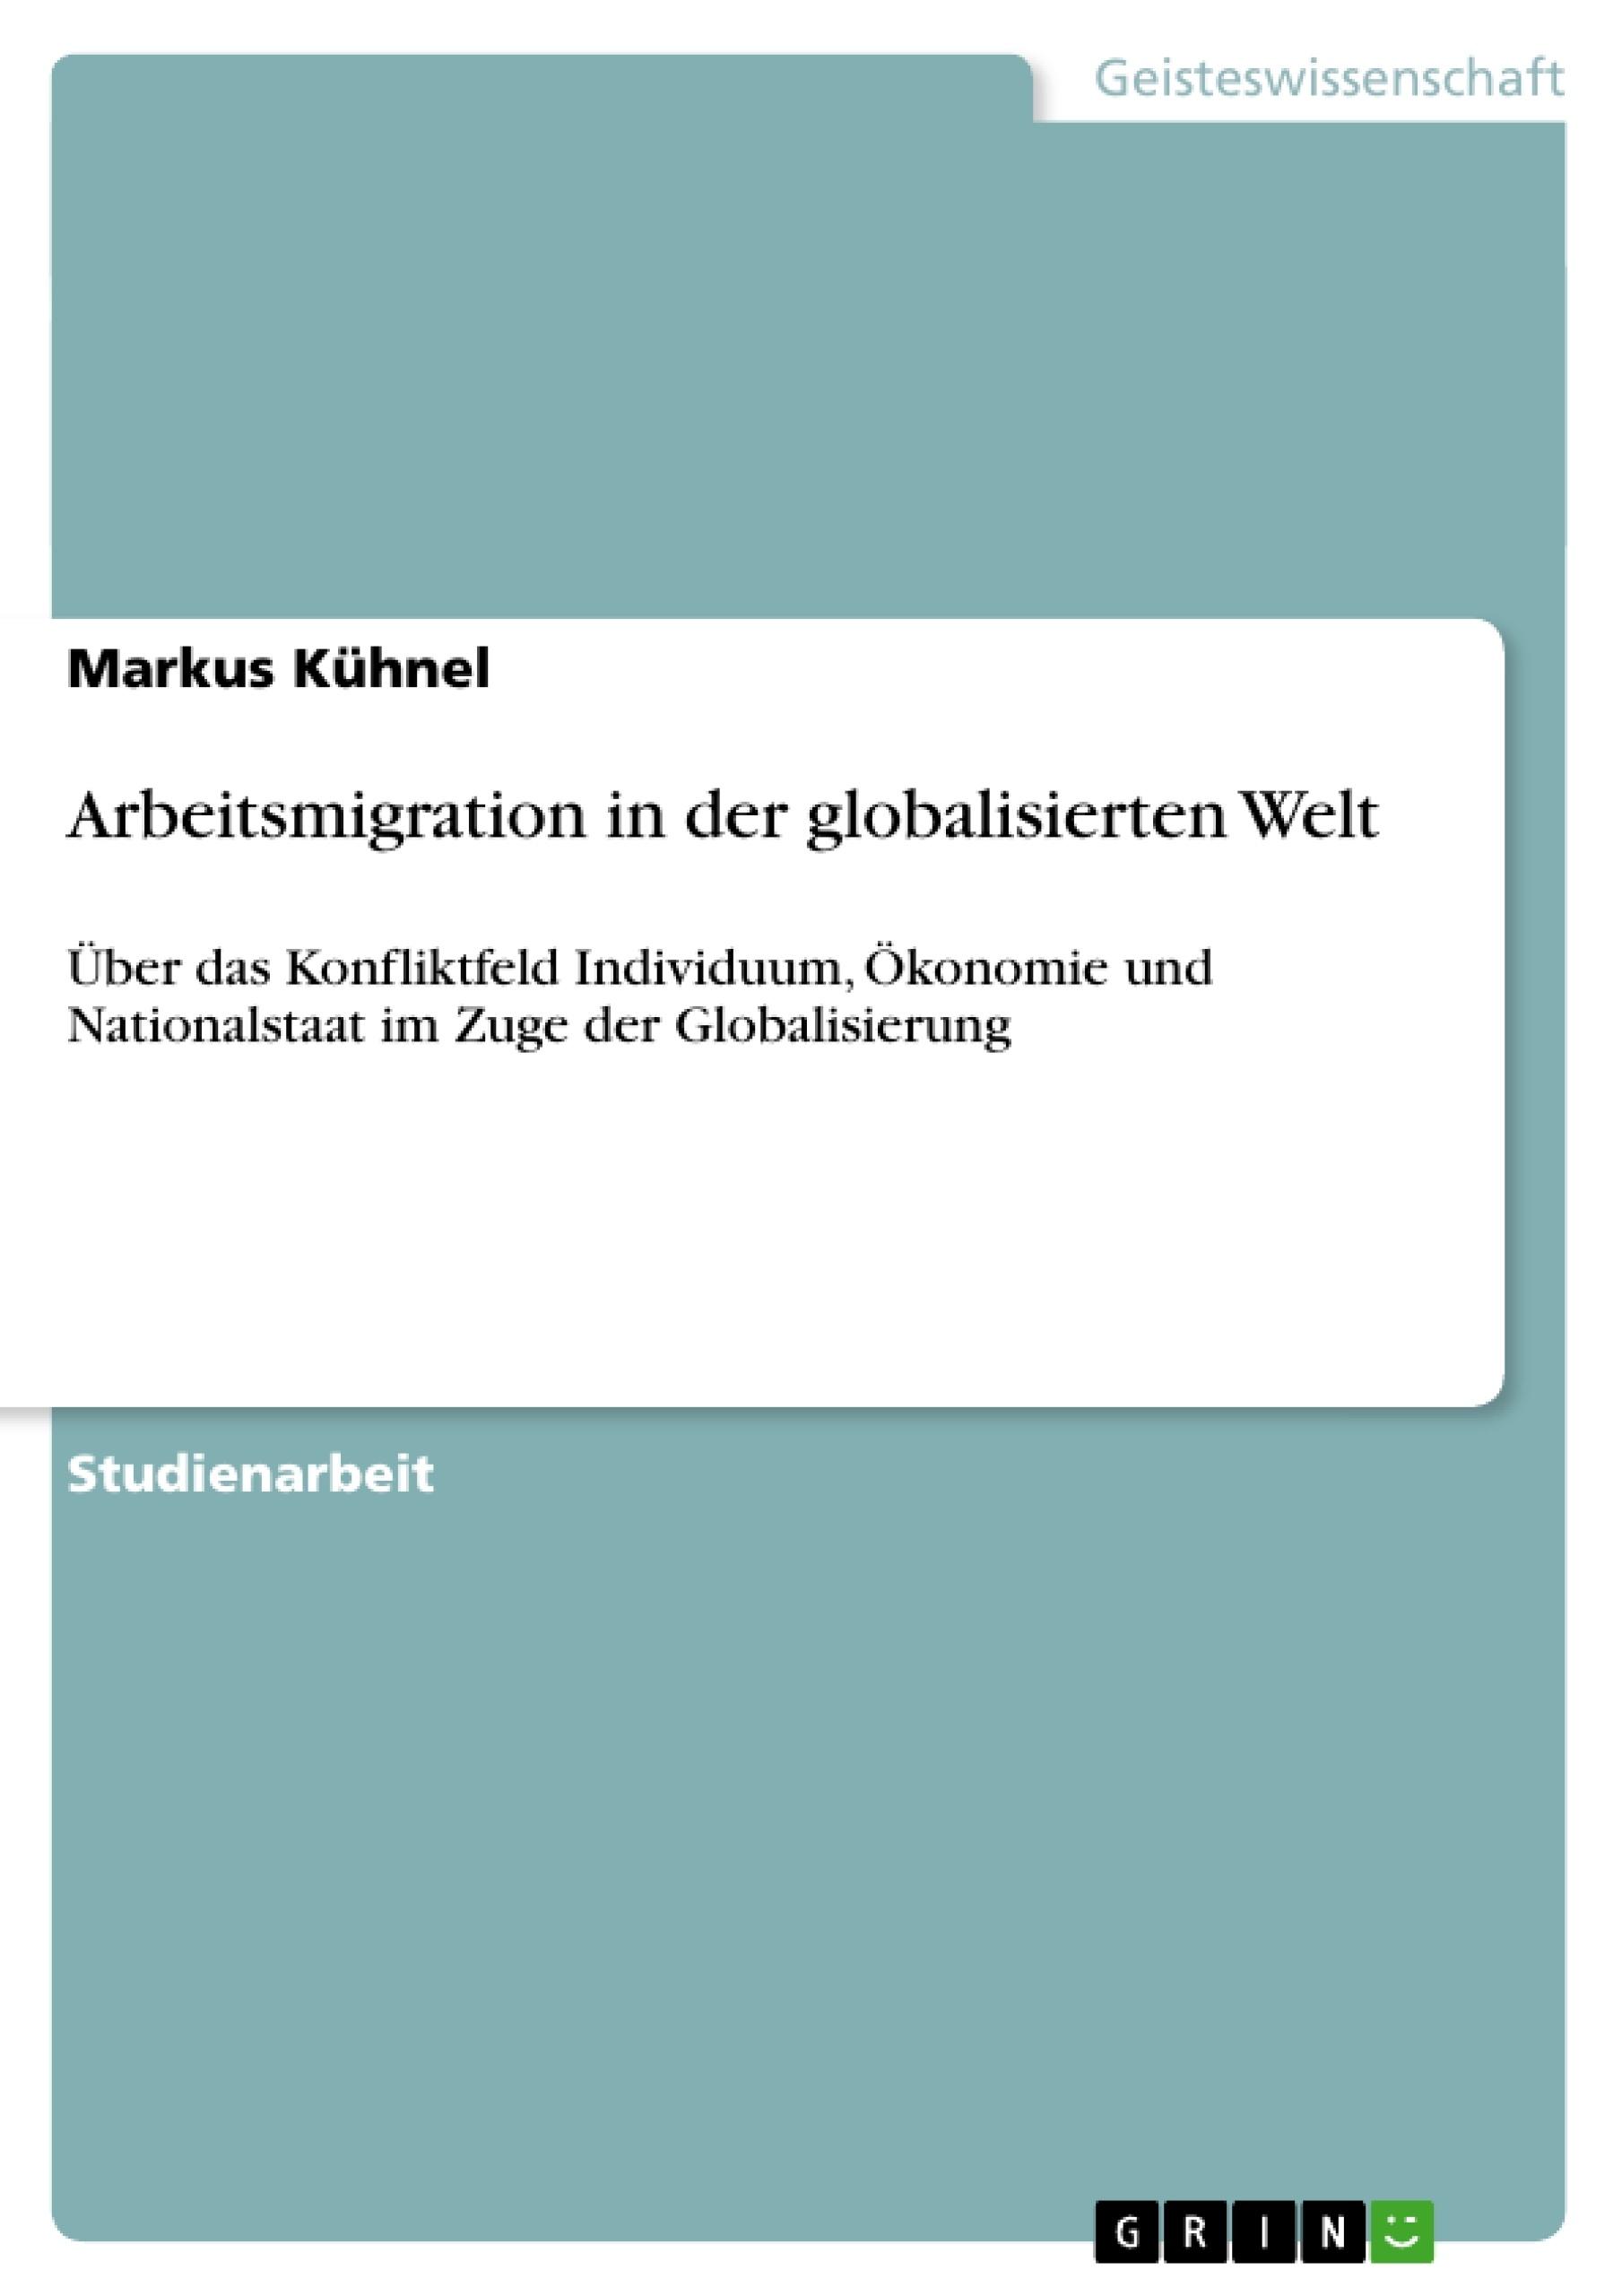 Titel: Arbeitsmigration in der globalisierten Welt